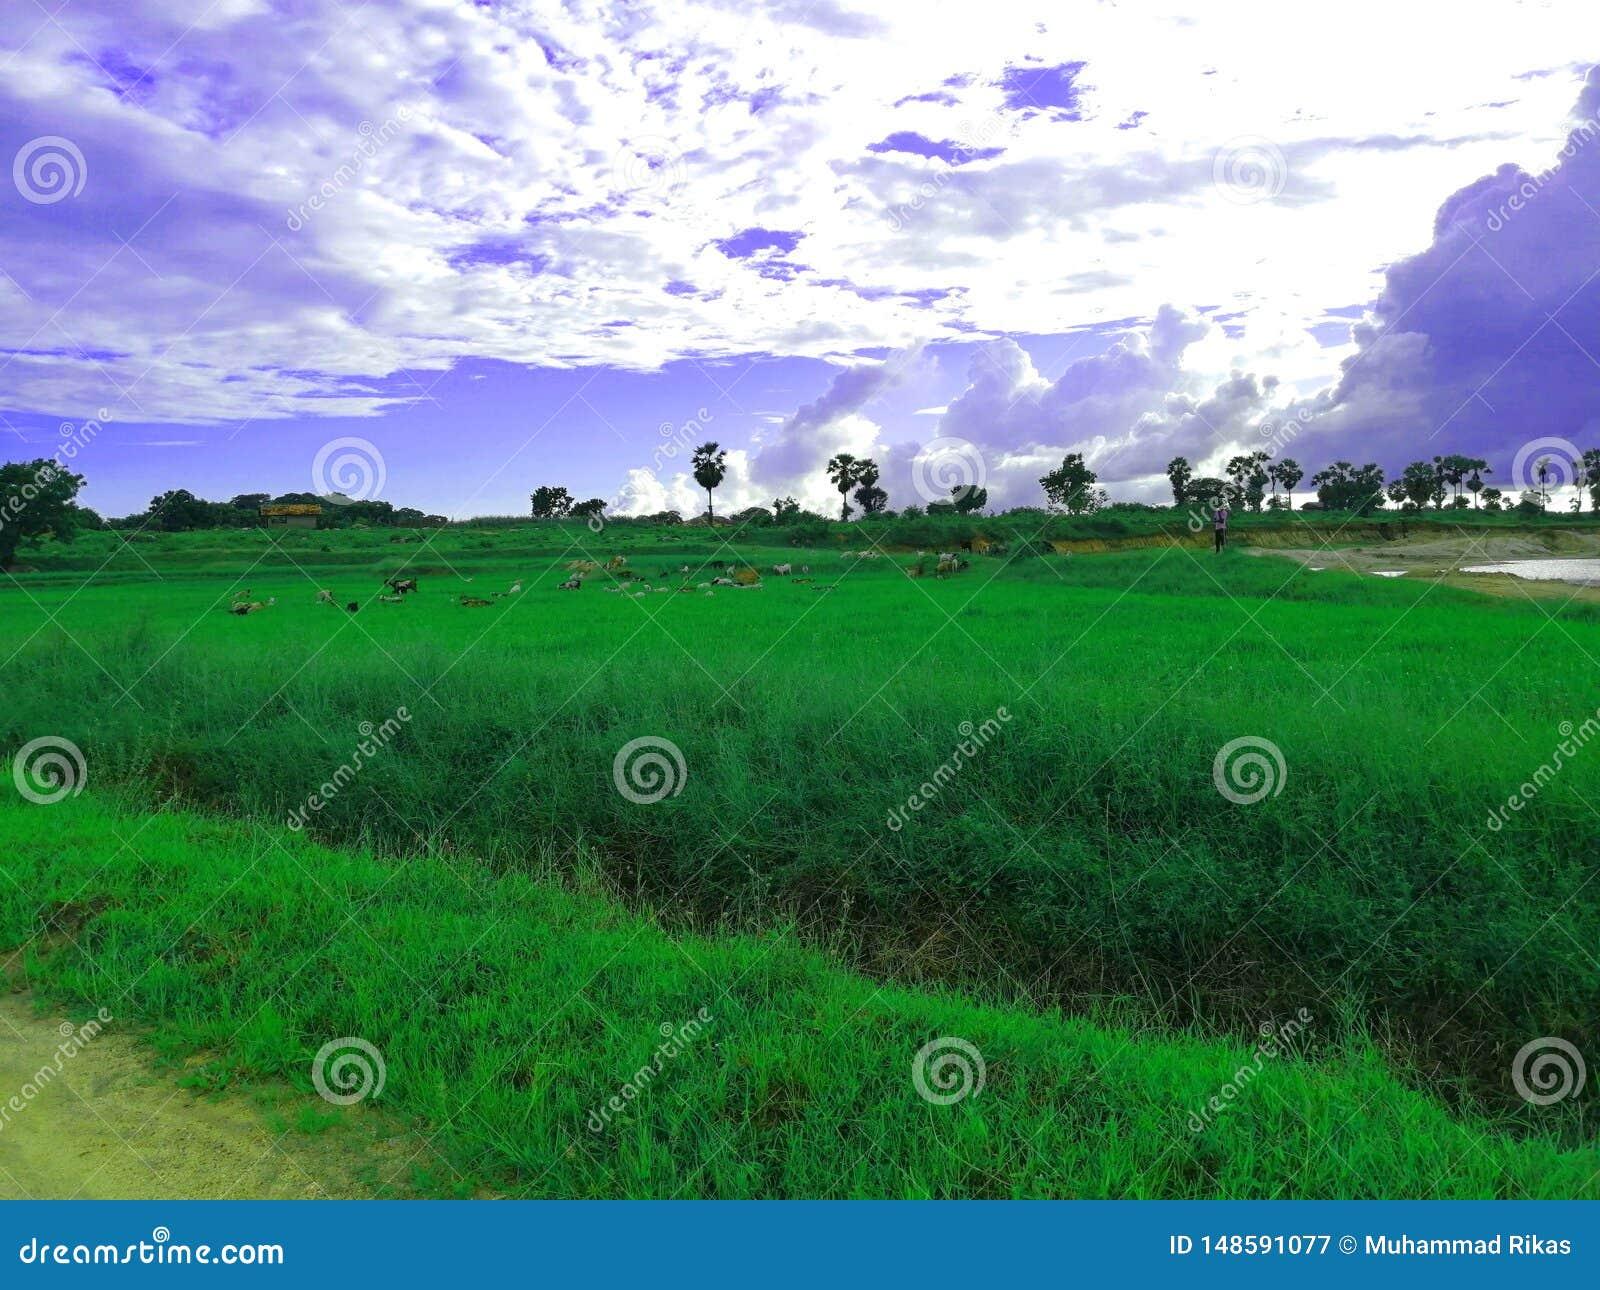 L image impressionnante de la rizière